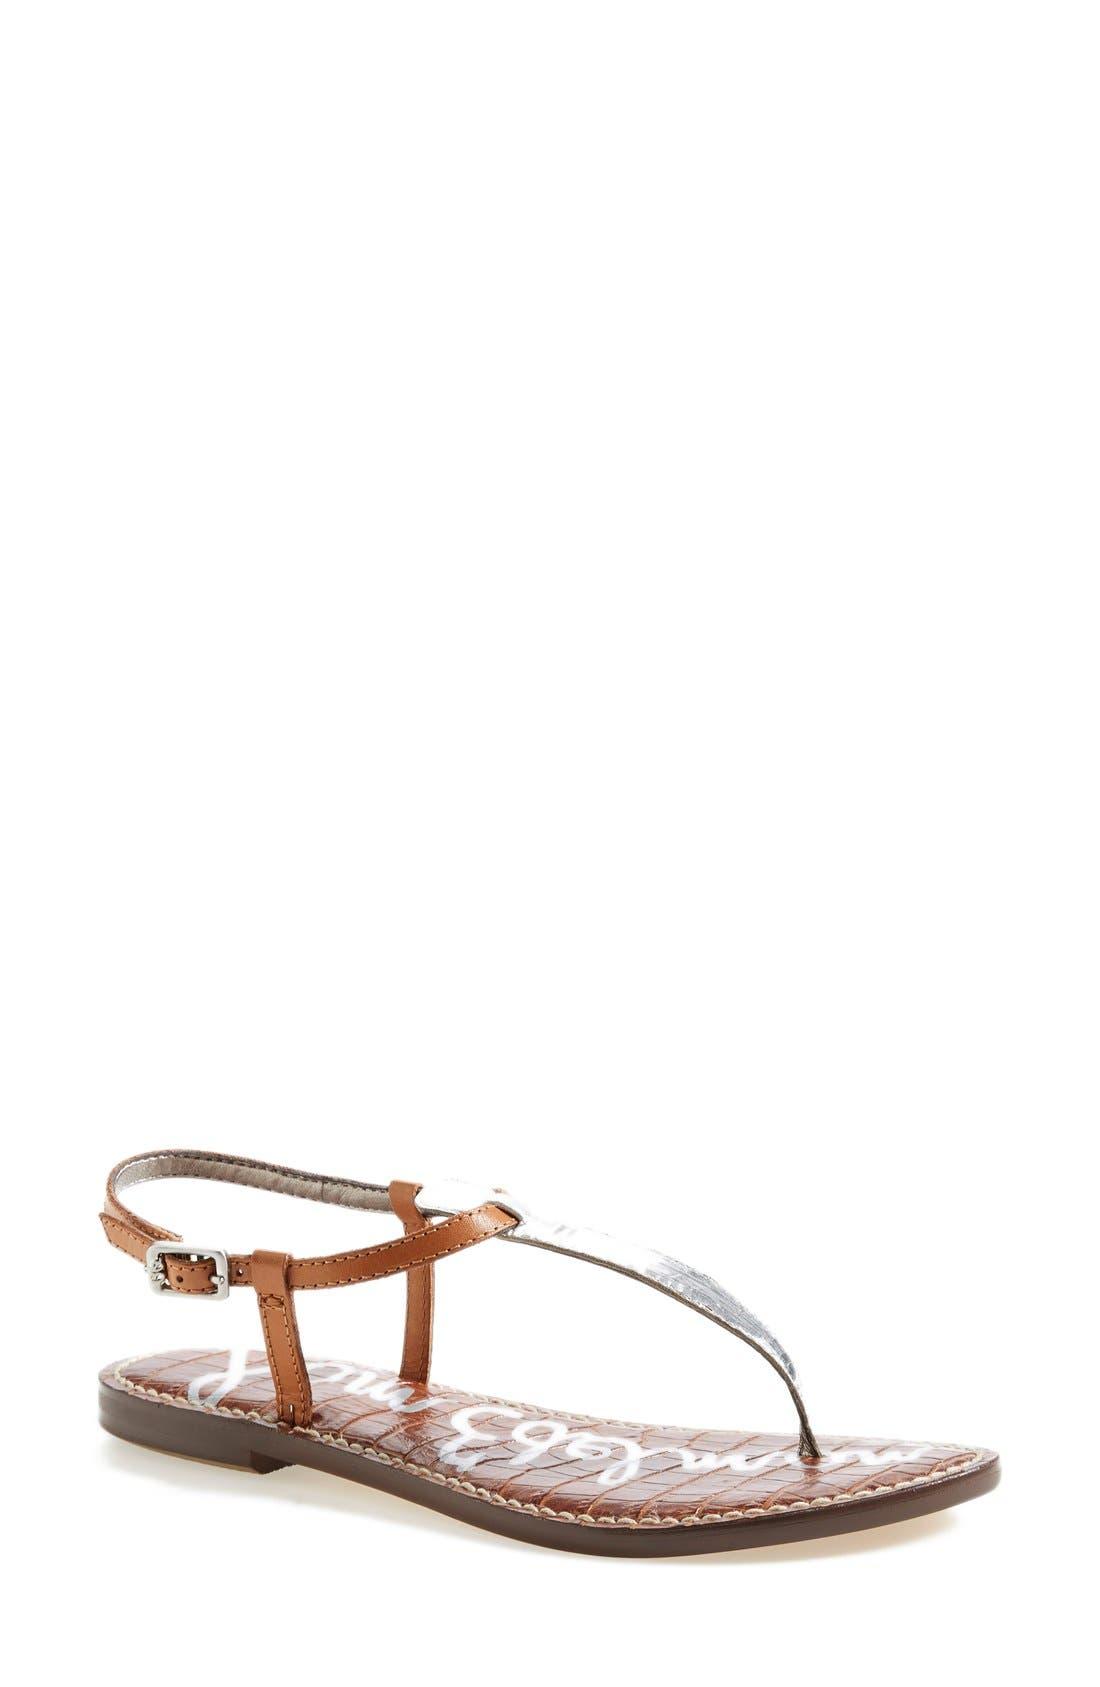 'Gigi' Leather Sandal,                             Main thumbnail 1, color,                             045